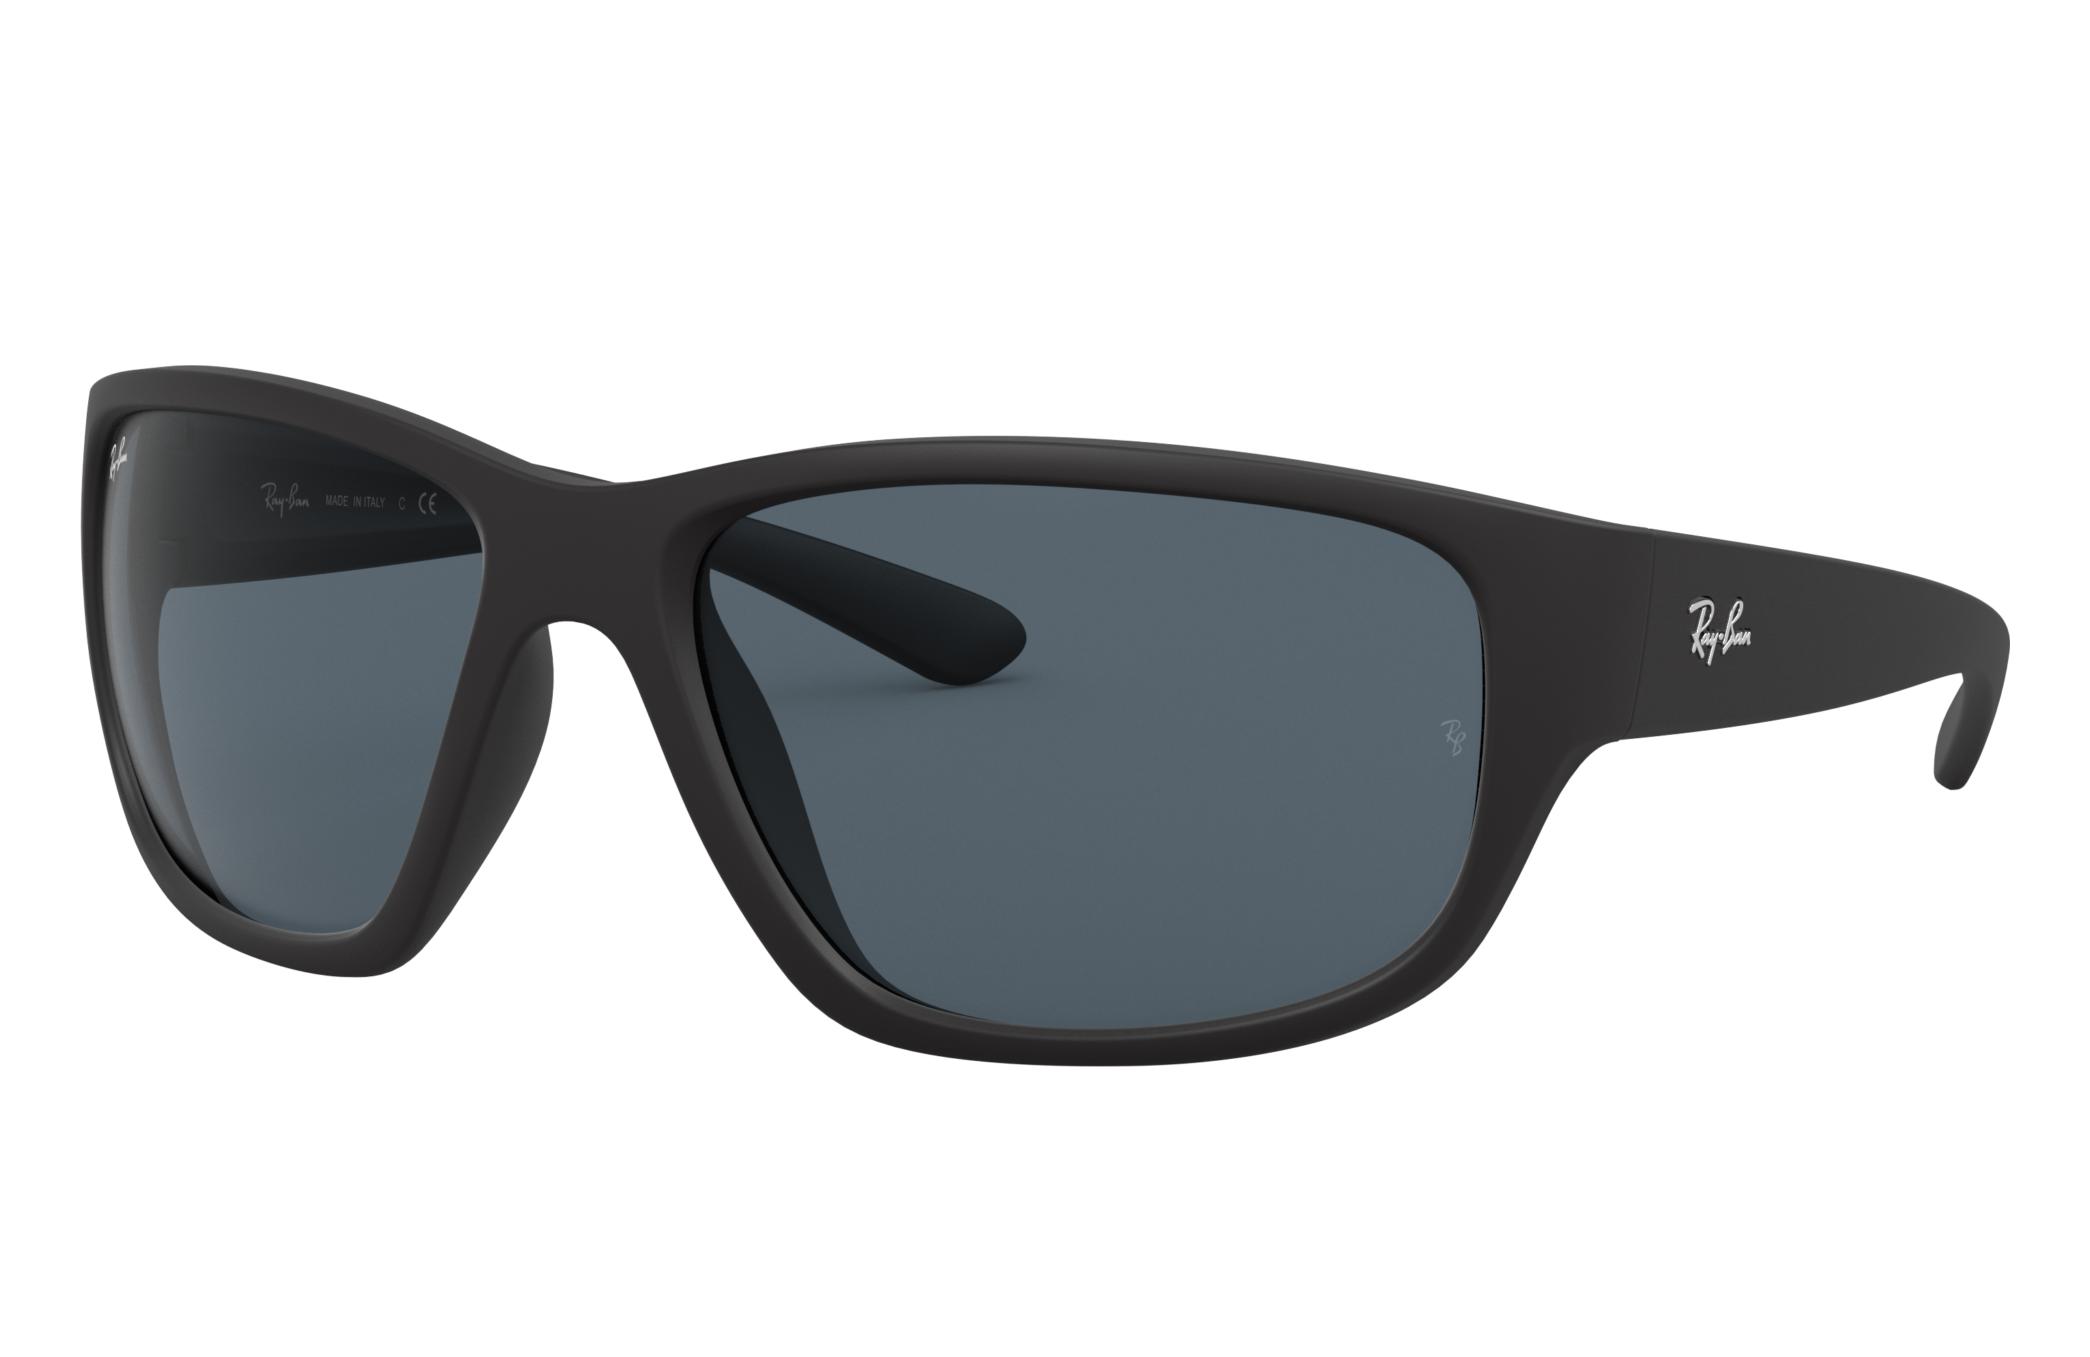 Ray-Ban Rb4300 Black, Blue Lenses - RB4300